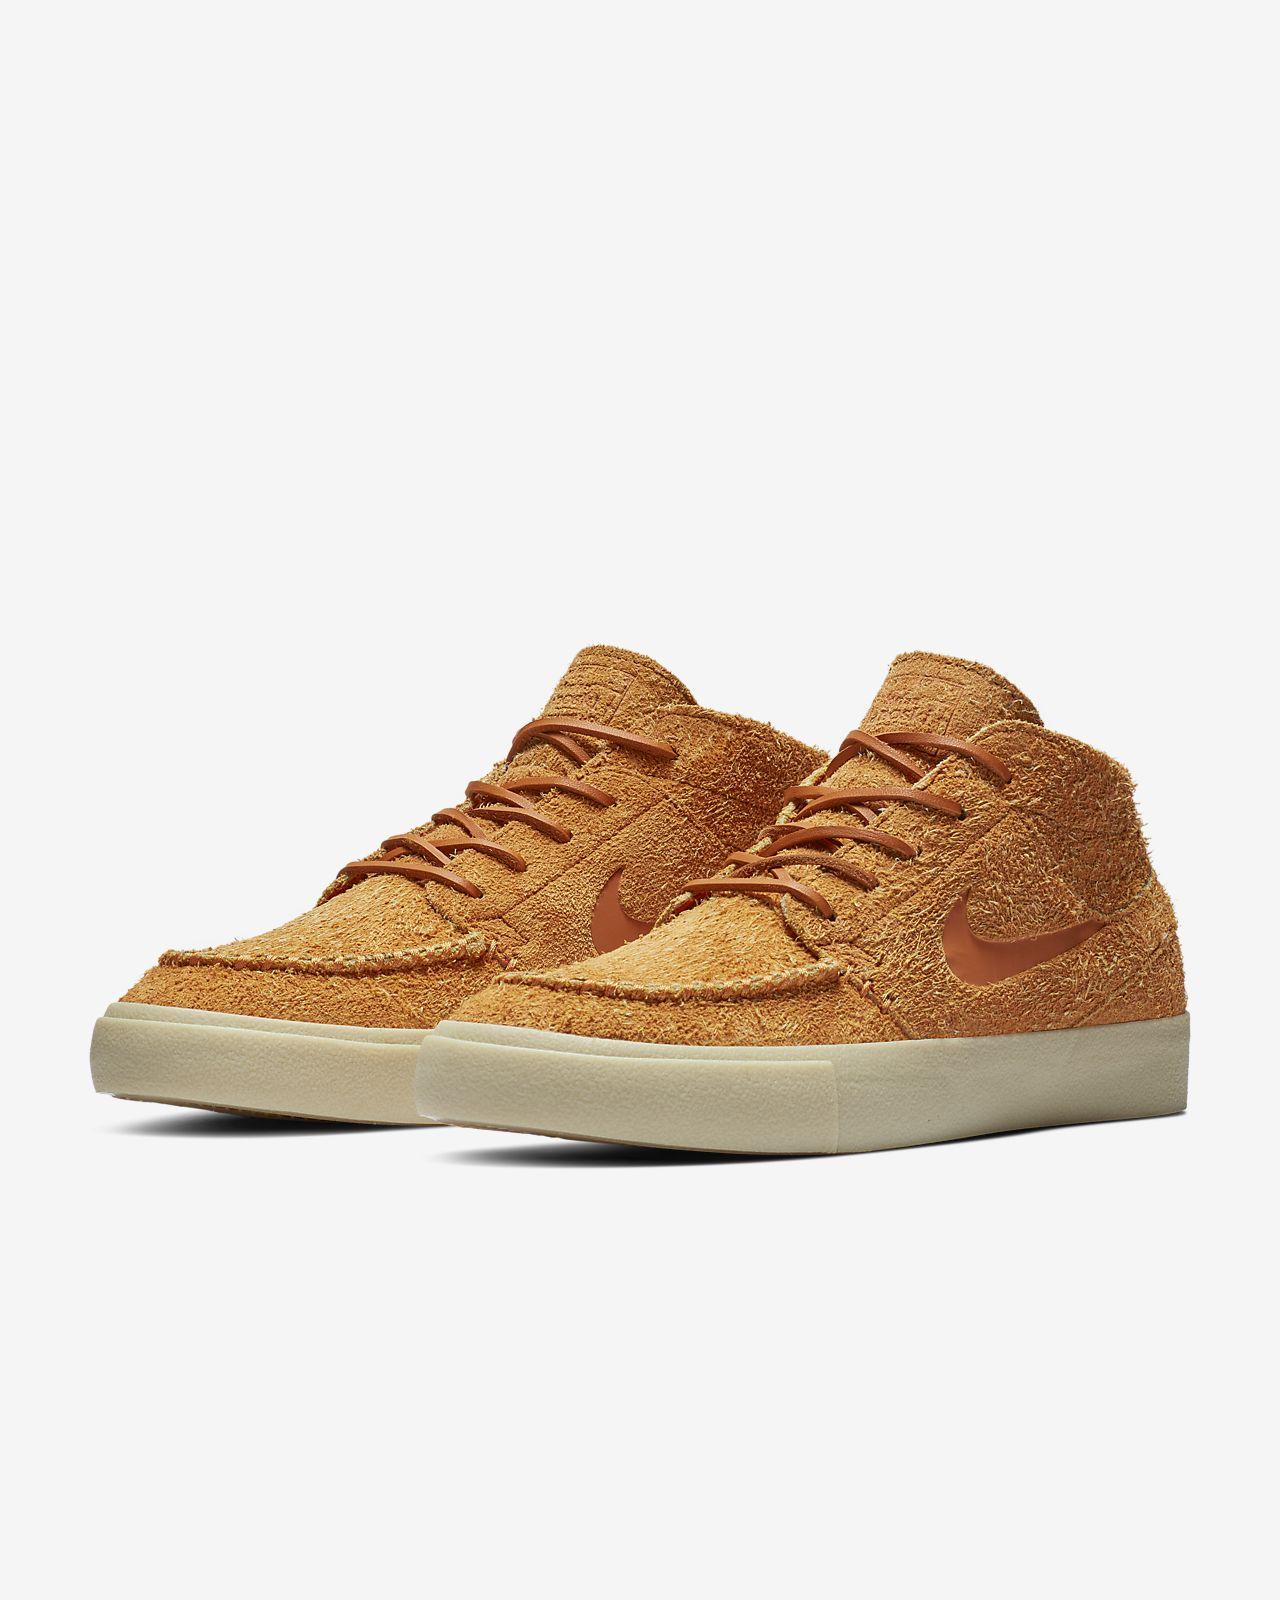 214d1a2c3453 Nike SB Zoom Janoski Mid Crafted Men s Skate Shoe. Nike.com AU